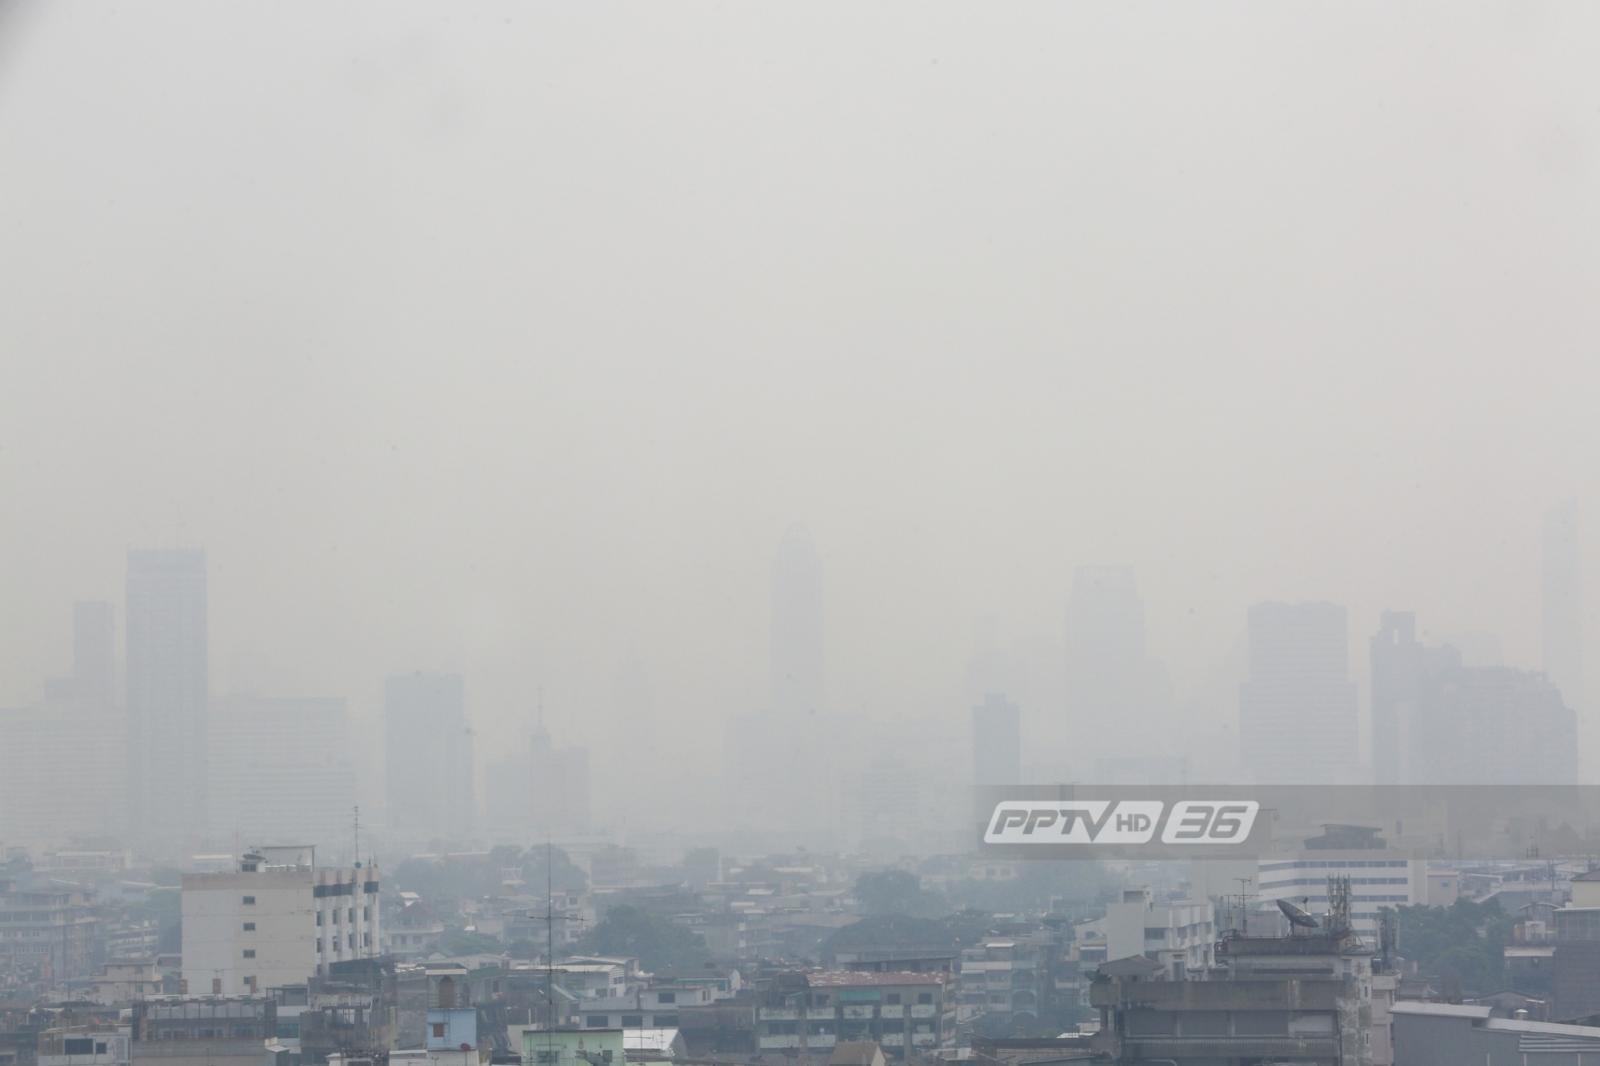 สธ.เตือนฝุ่น PM2.5 ปกคลุมกทม.ระวังสุขภาพ-ลดอยู่นอกอาคาร